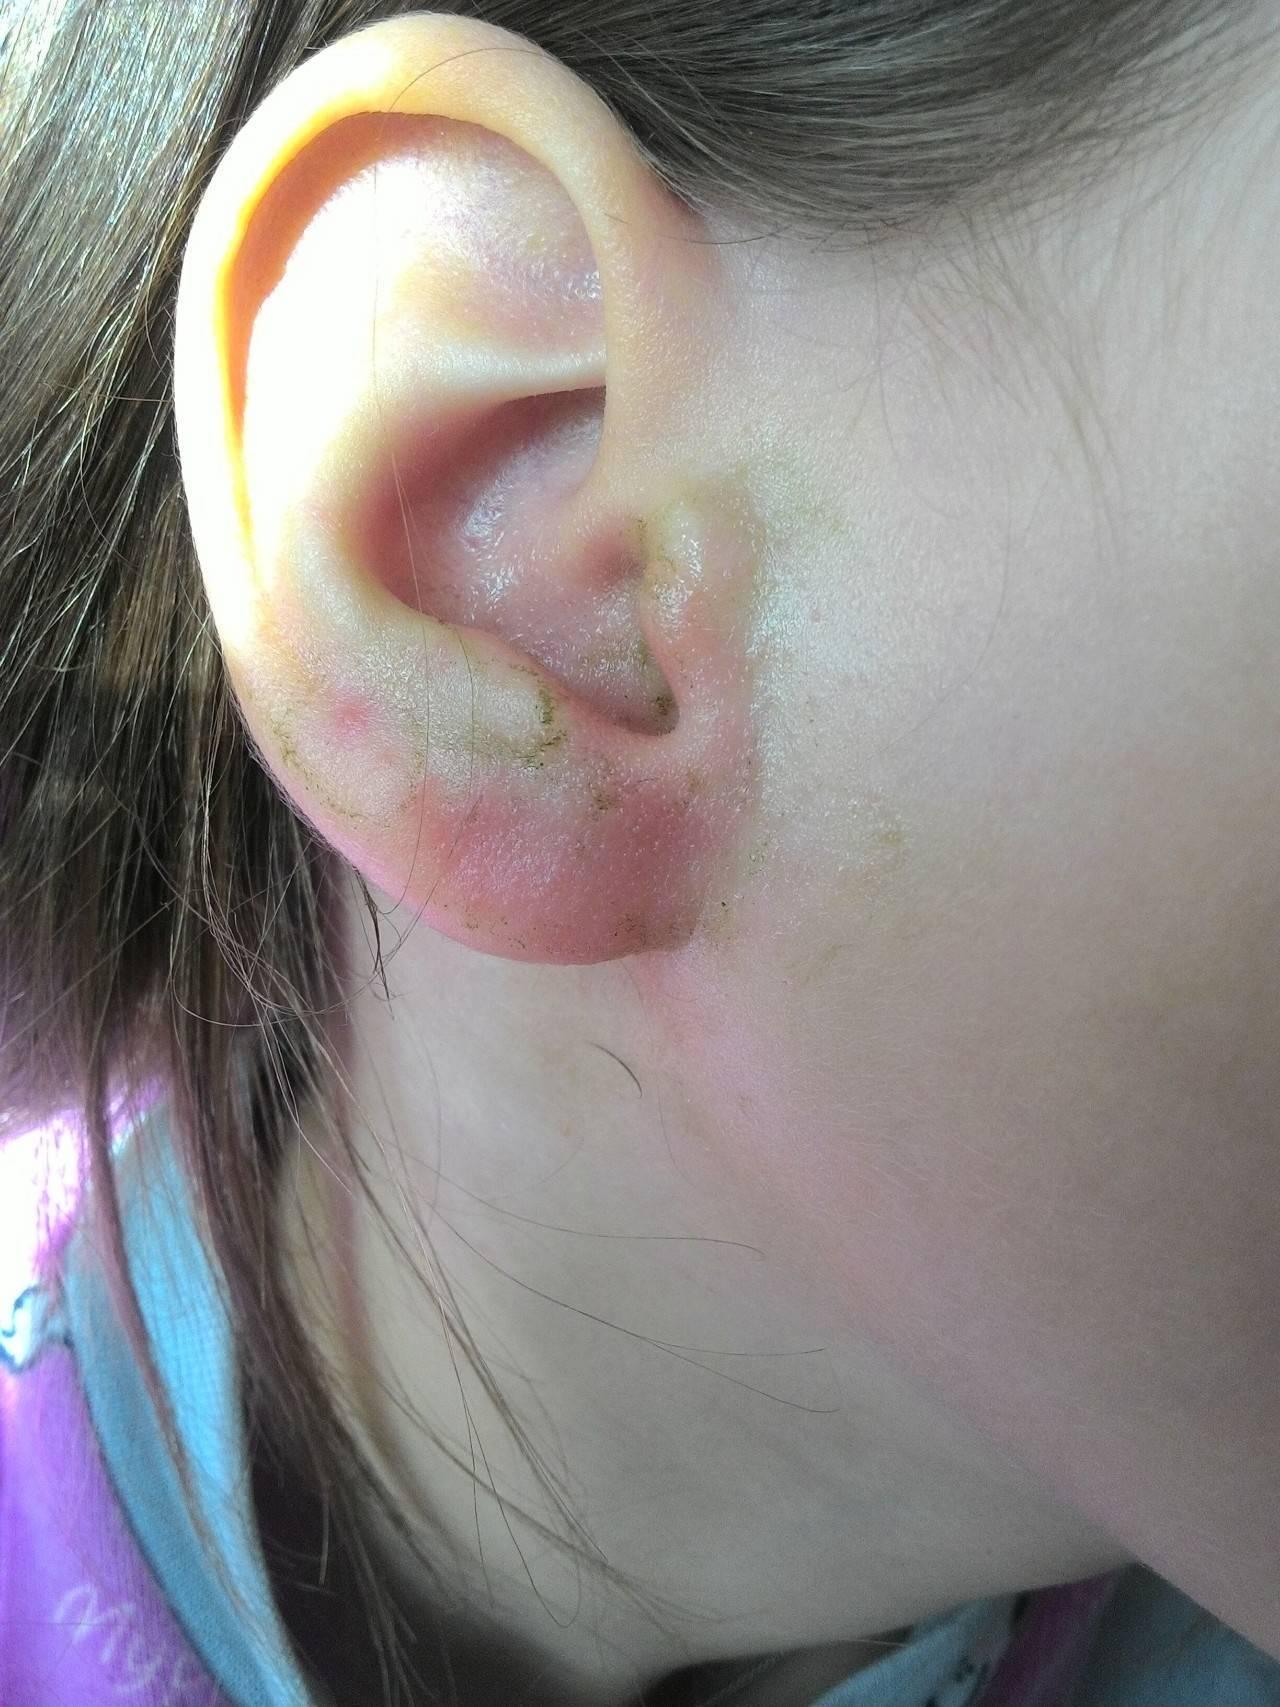 гематома ушной раковины у человека